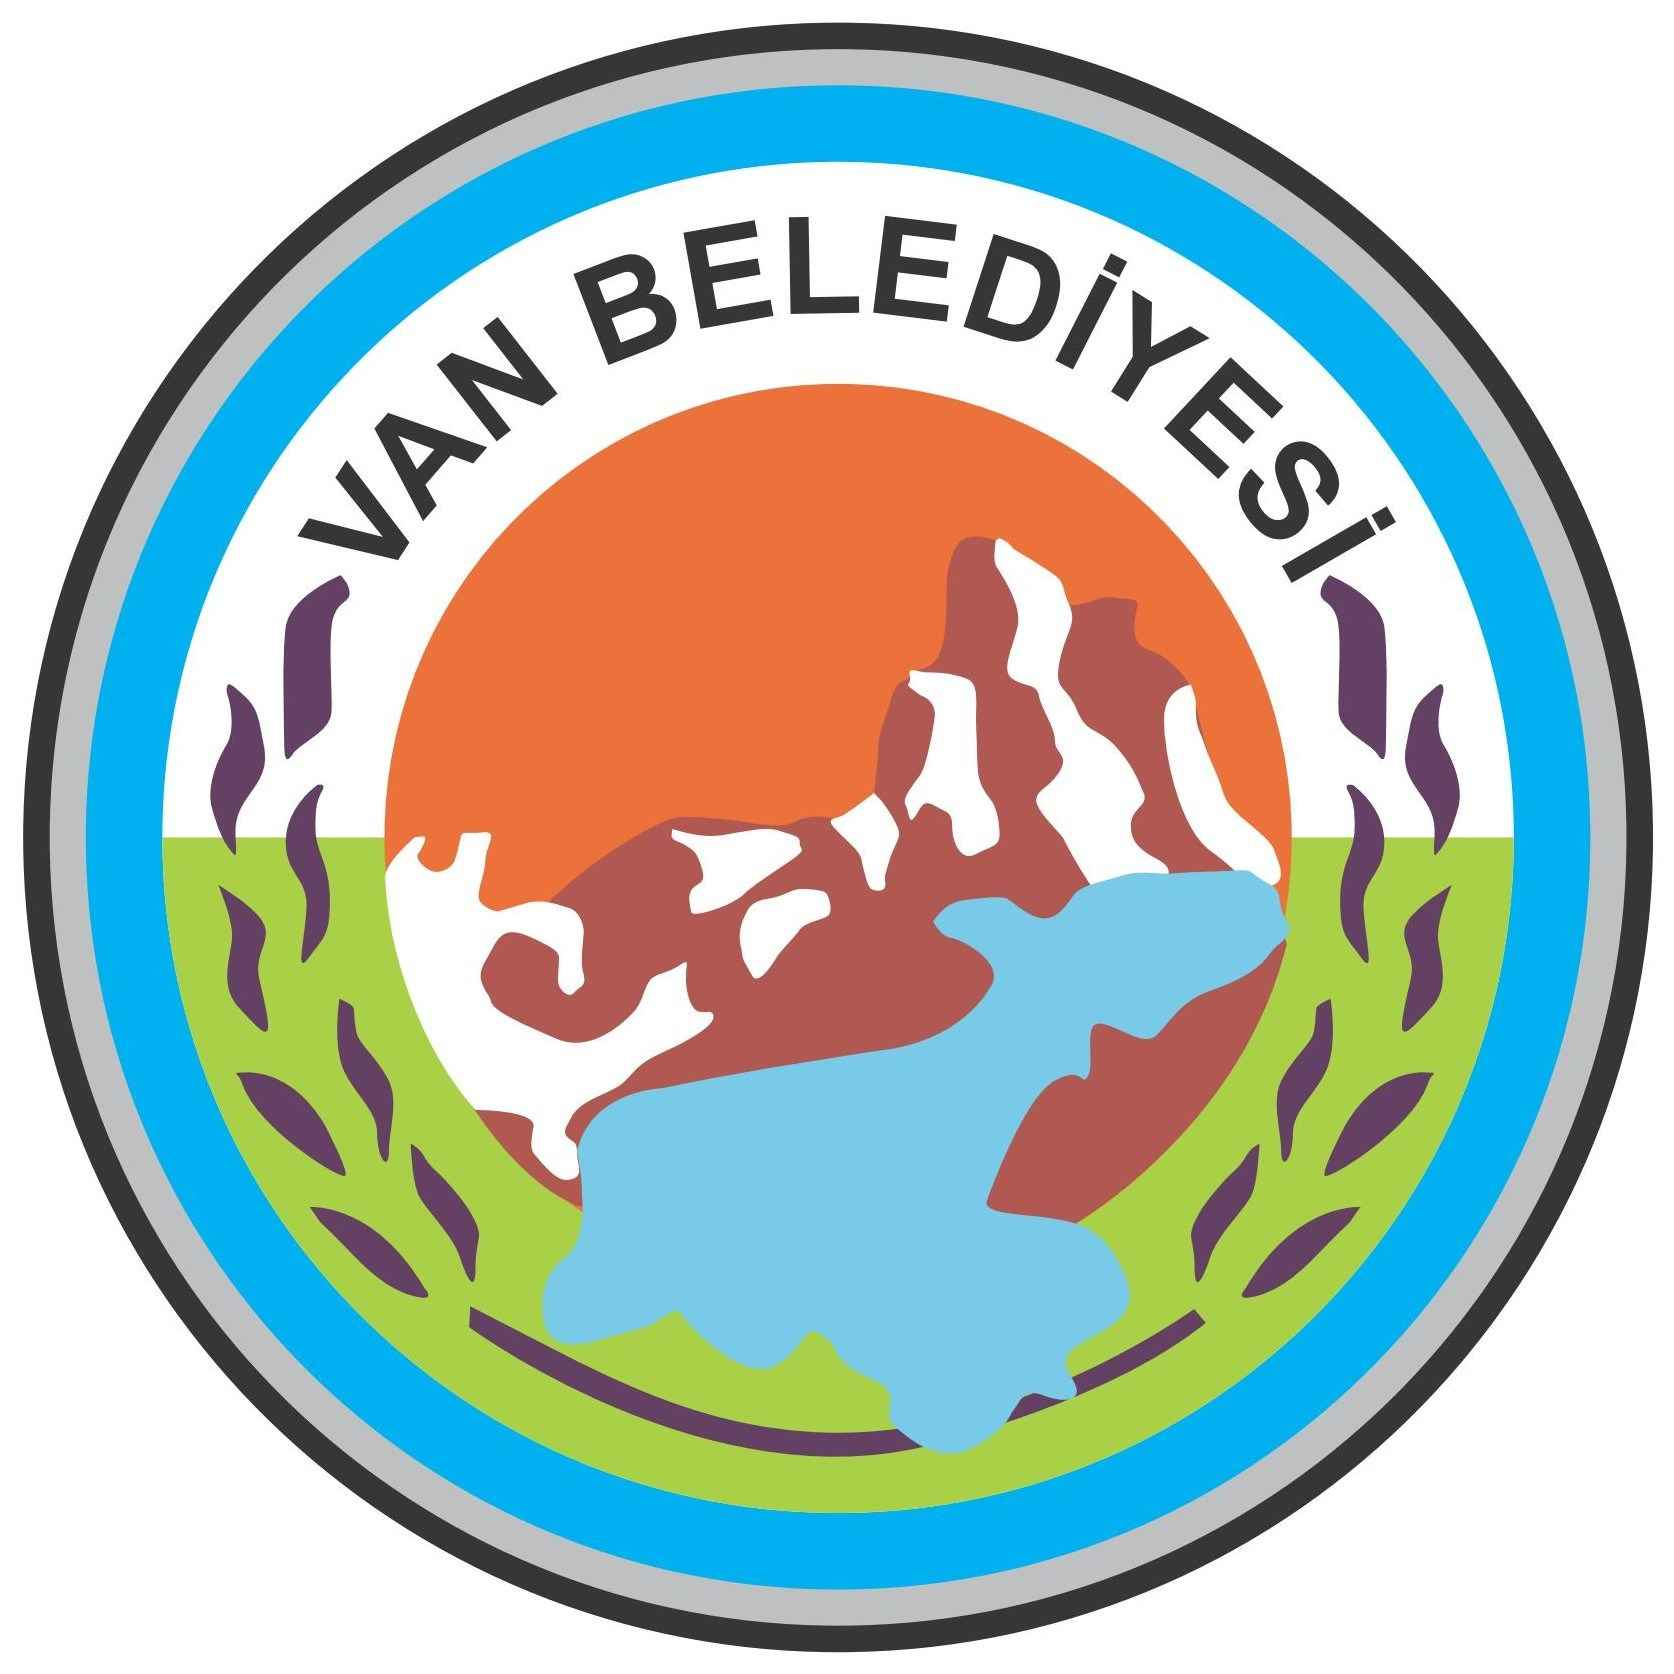 Van Büyükşehir Belediyesi Logo [EPS File]